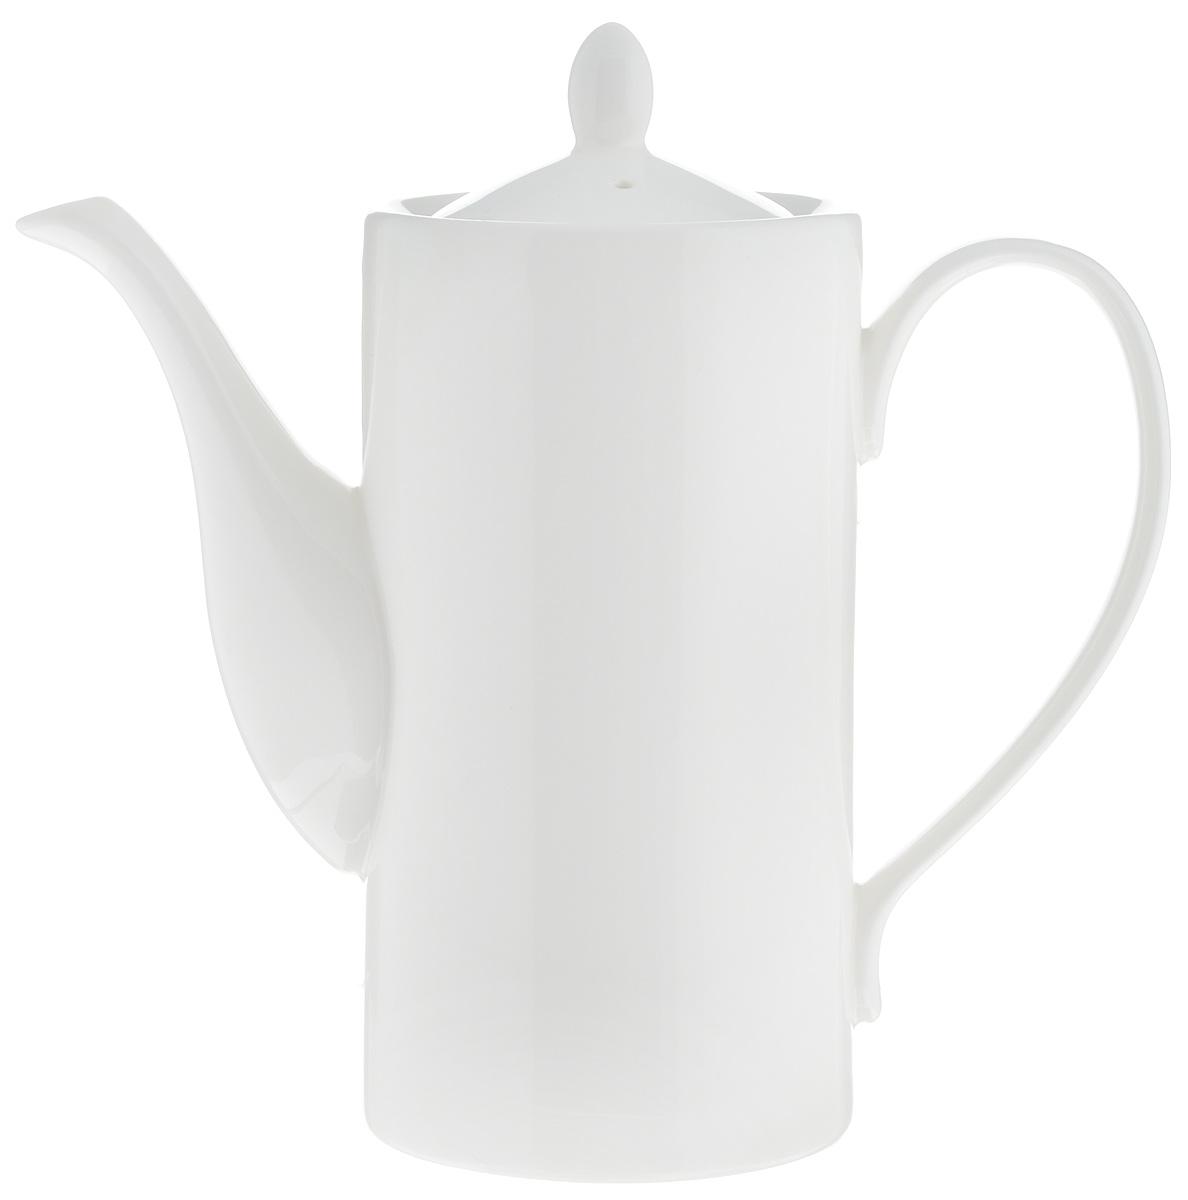 Кофейник Wilmax, 650 млWL-994008 / 1CКофейник Wilmax изготовлен из высококачественного фарфора, покрытого двойным слоем глазировки. Отличается особой износостойкостью и устойчивостью к ударам и сколам. А белый с оттенком слоновой кости цвет будет эффектно смотреться на вашем столе.Диаметр кофейника (по верхнему краю): 8 см. Высота чайника (без учета крышки): 15,5 см. Высота чайника (с учетом крышки): 18,5 см.